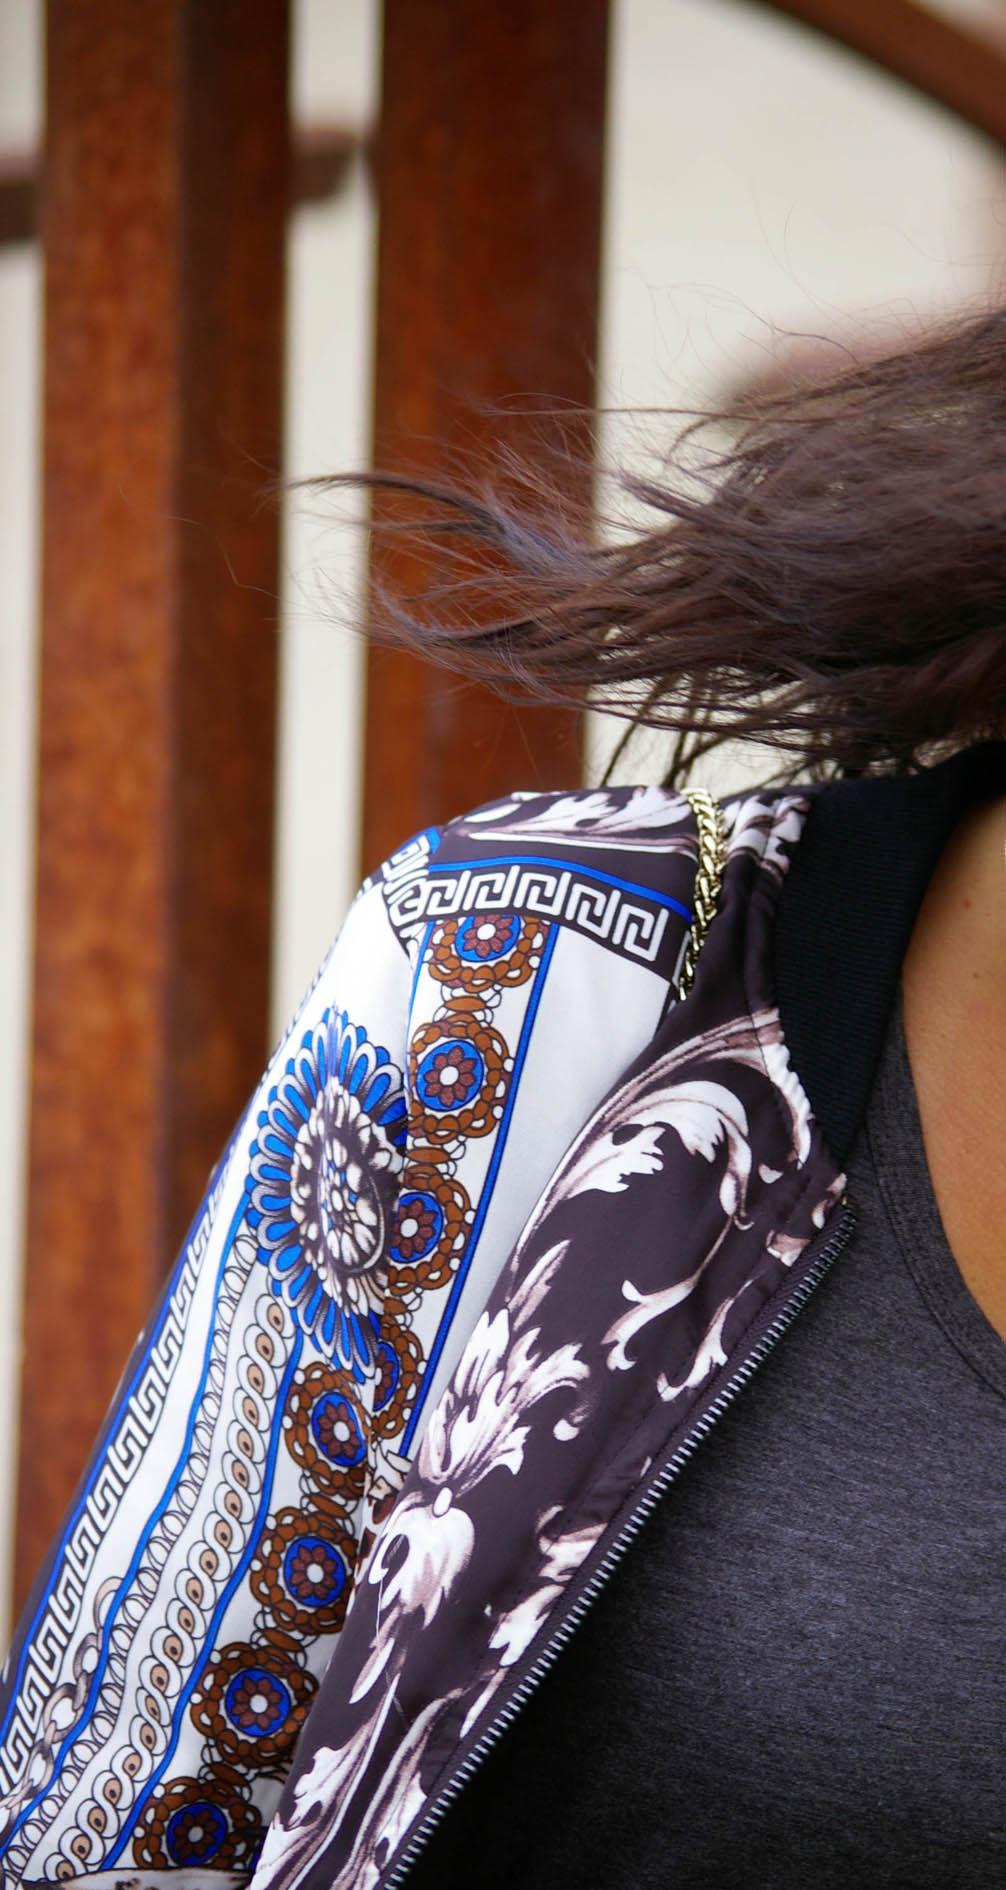 details vest or b